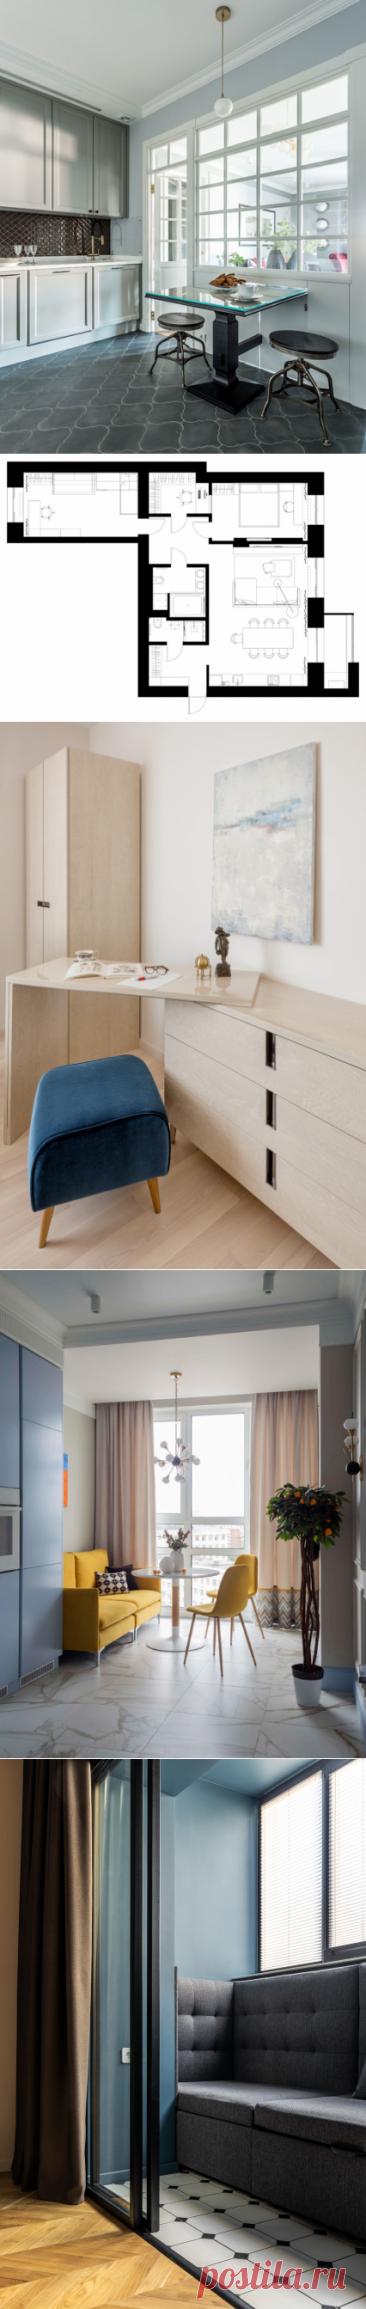 Как преобразовать интерьер: шкафы, кровати и мебель для маленькой квартиры   Houzz Россия